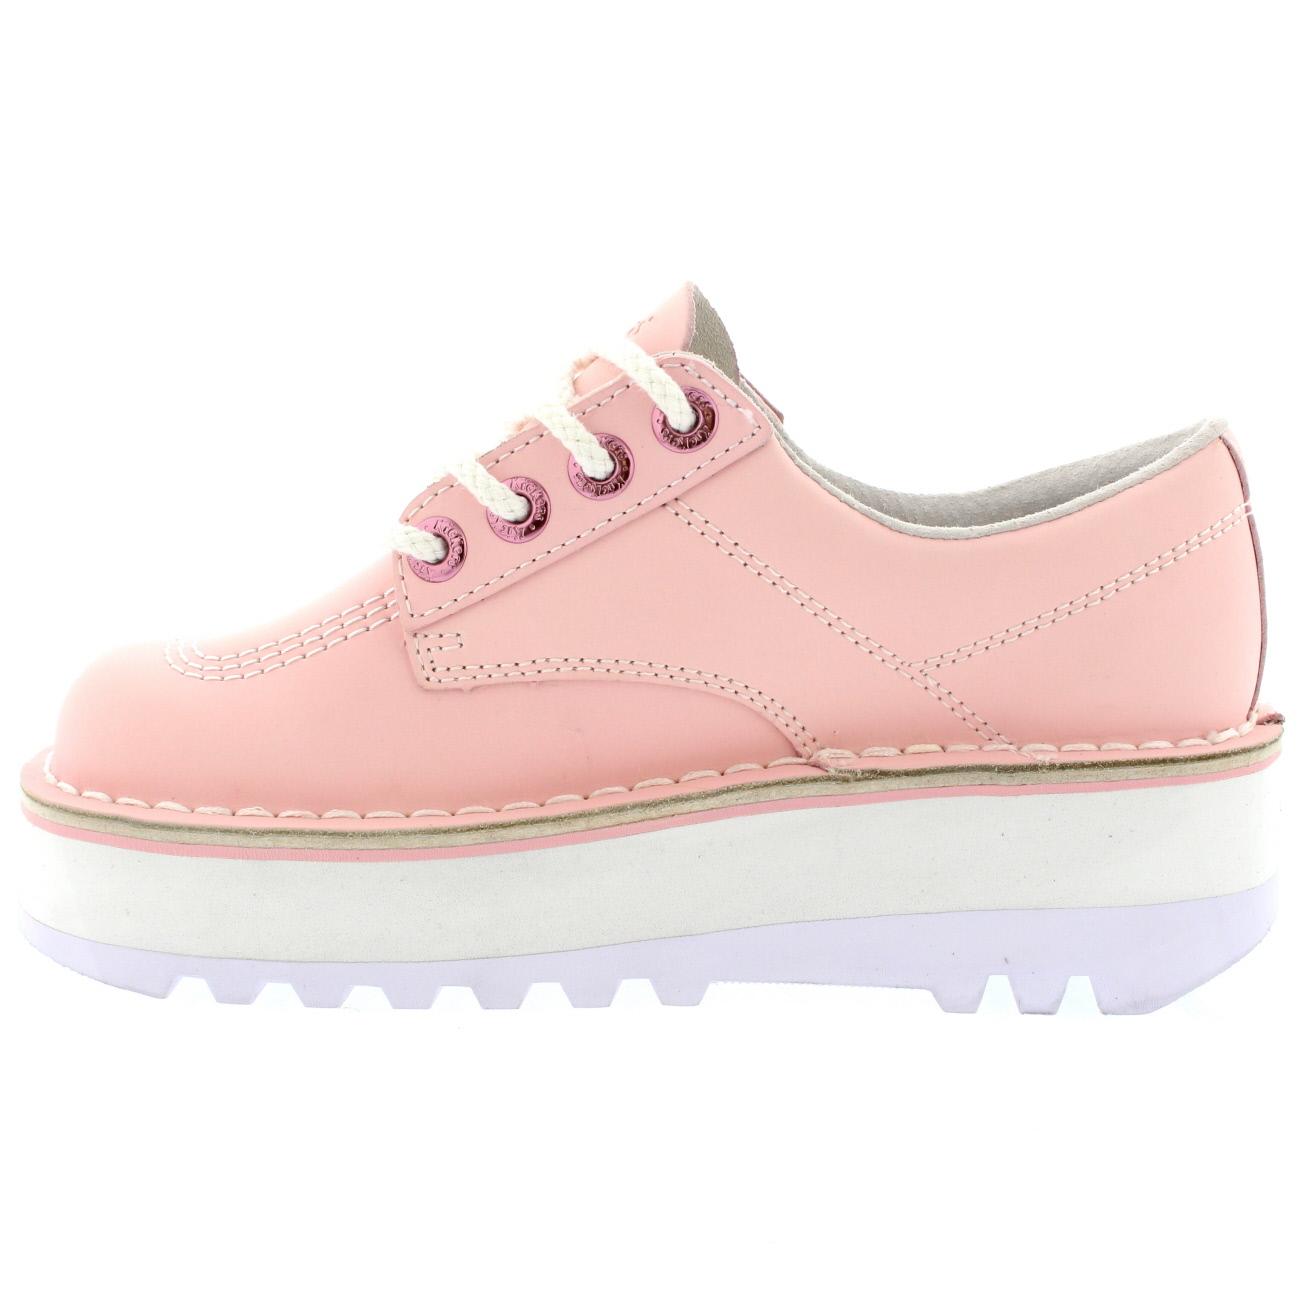 New Kickers Kick Hi Patent Dark Pink Boot In Pink Darkpink  Lyst